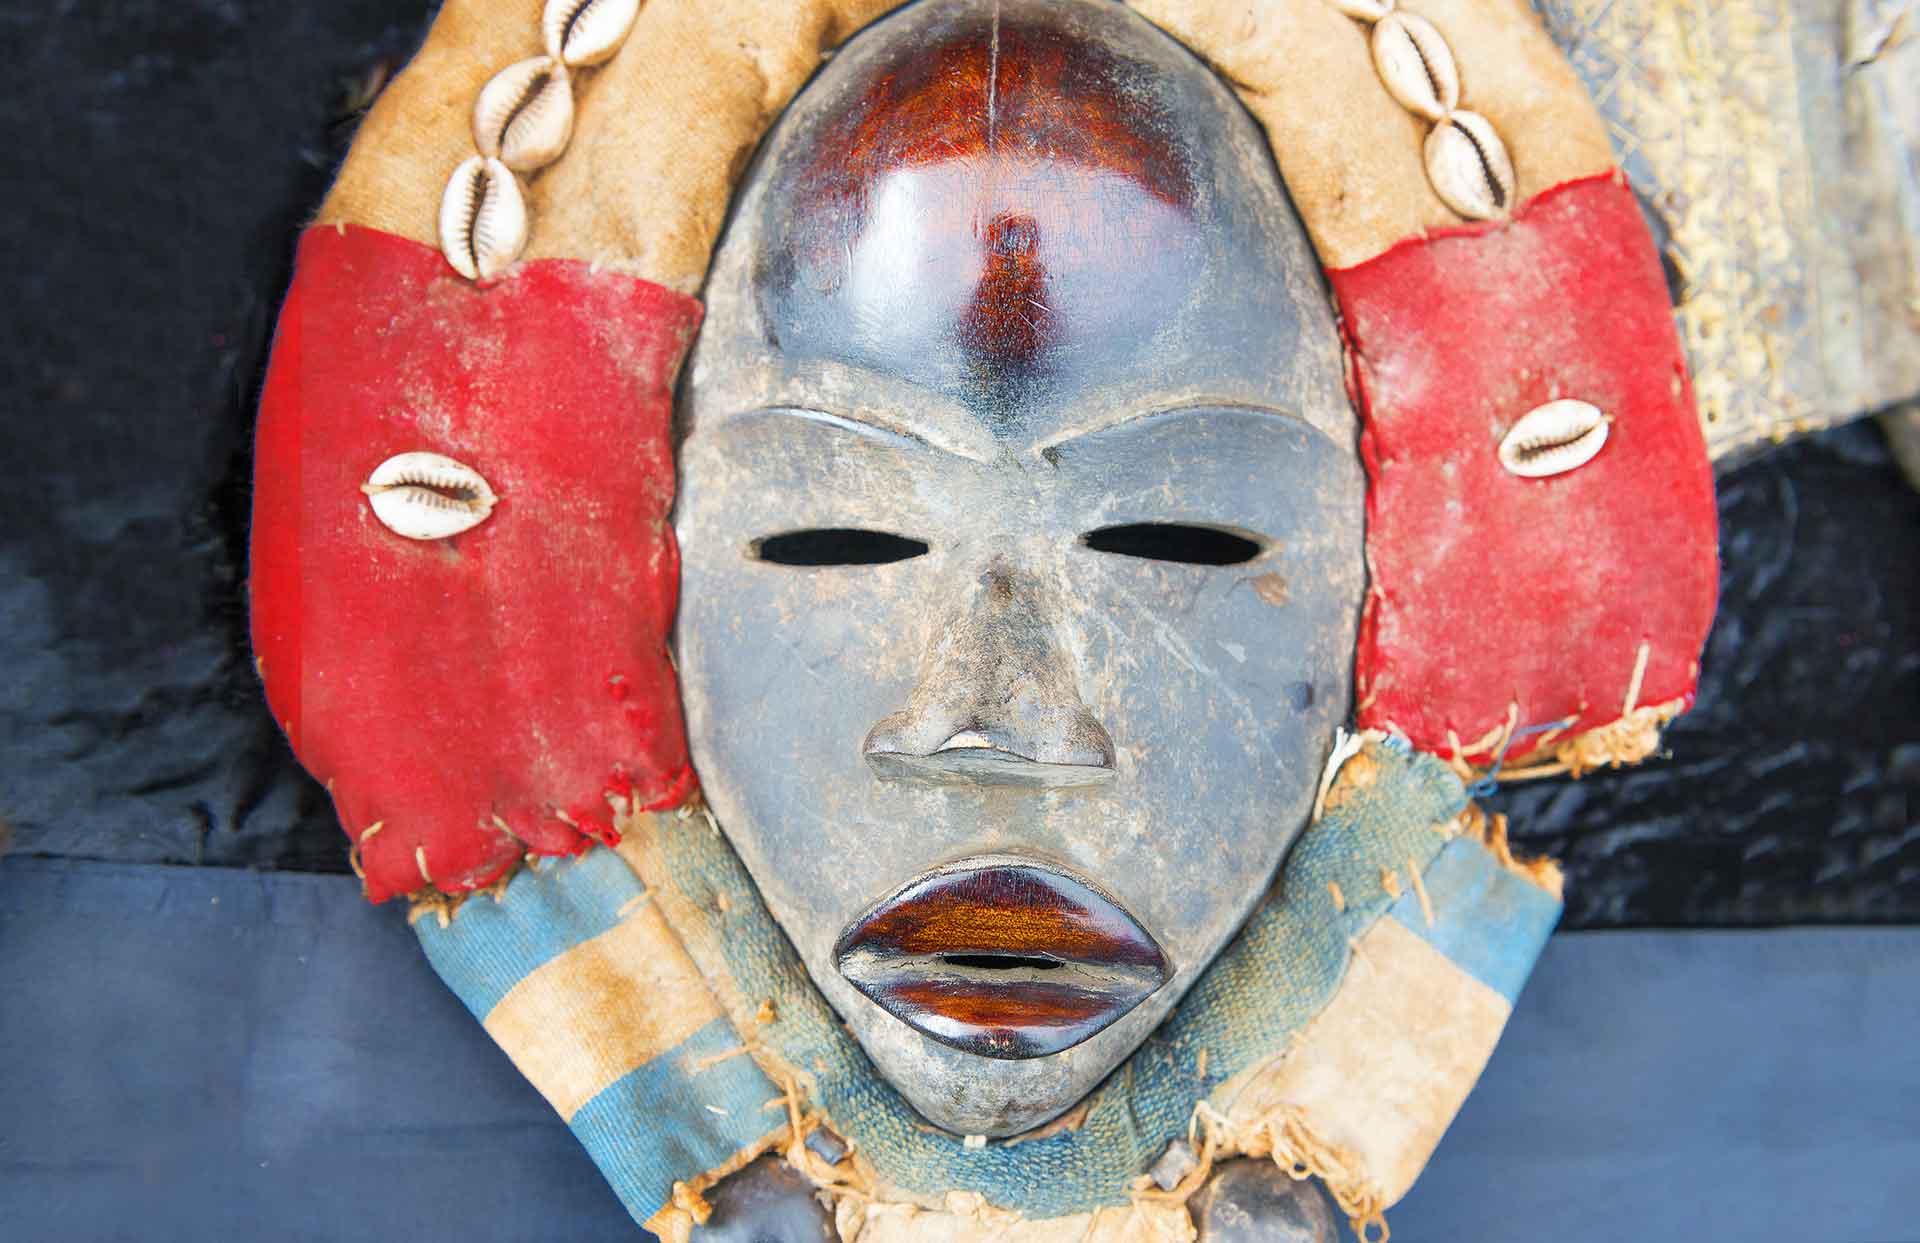 Dan African art